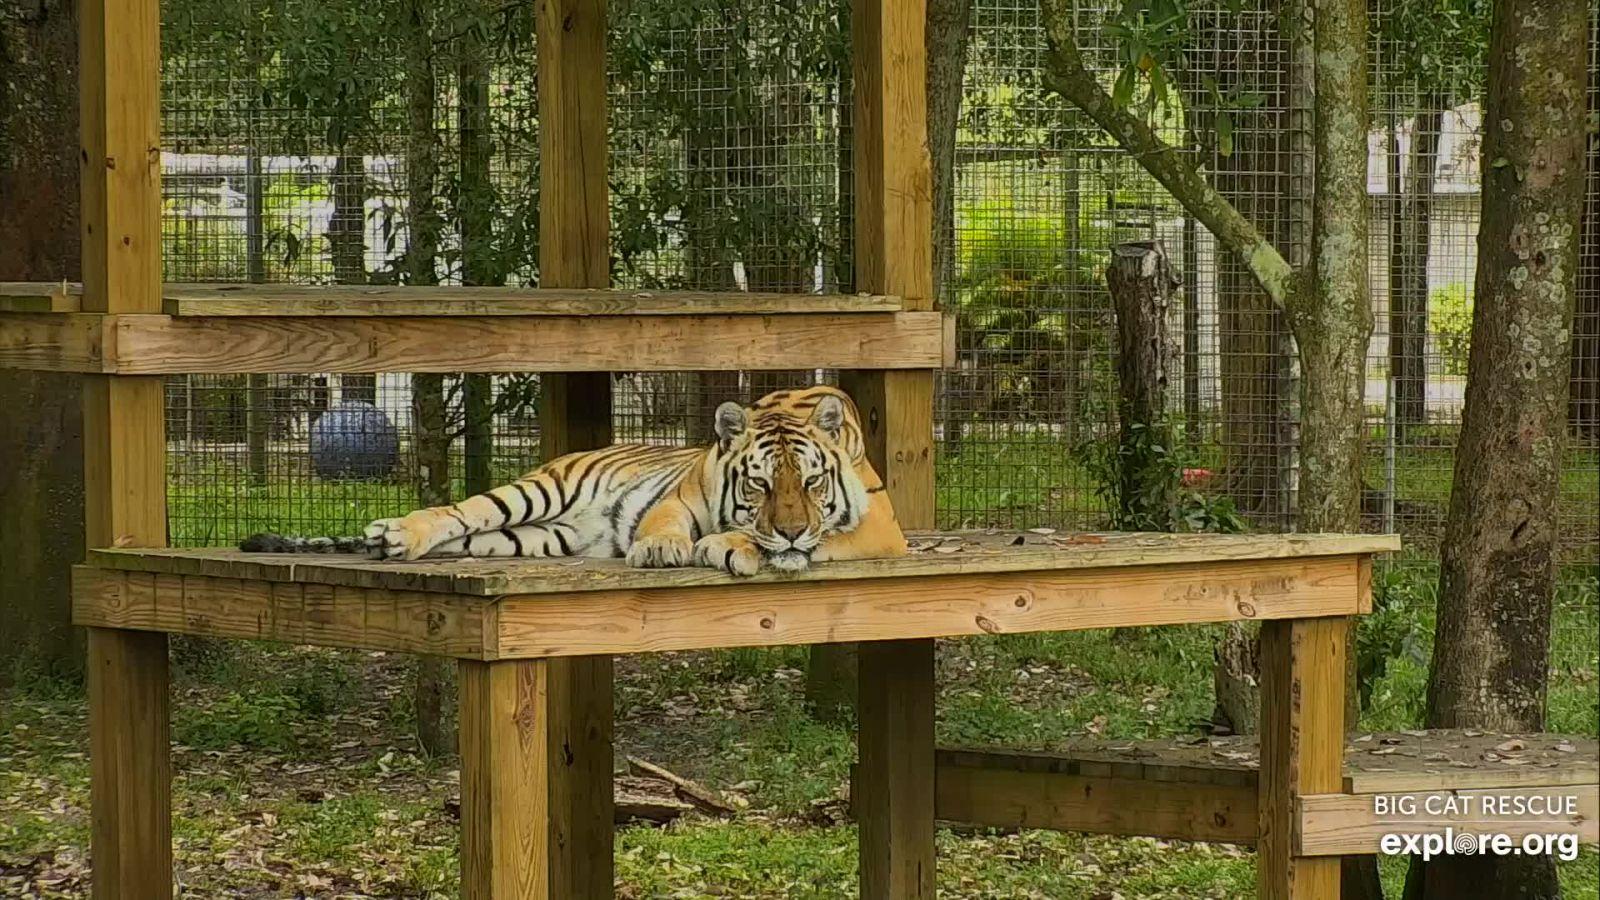 Tigre Lake - Flórida, Estados Unidos. Imagem de Explore.org.